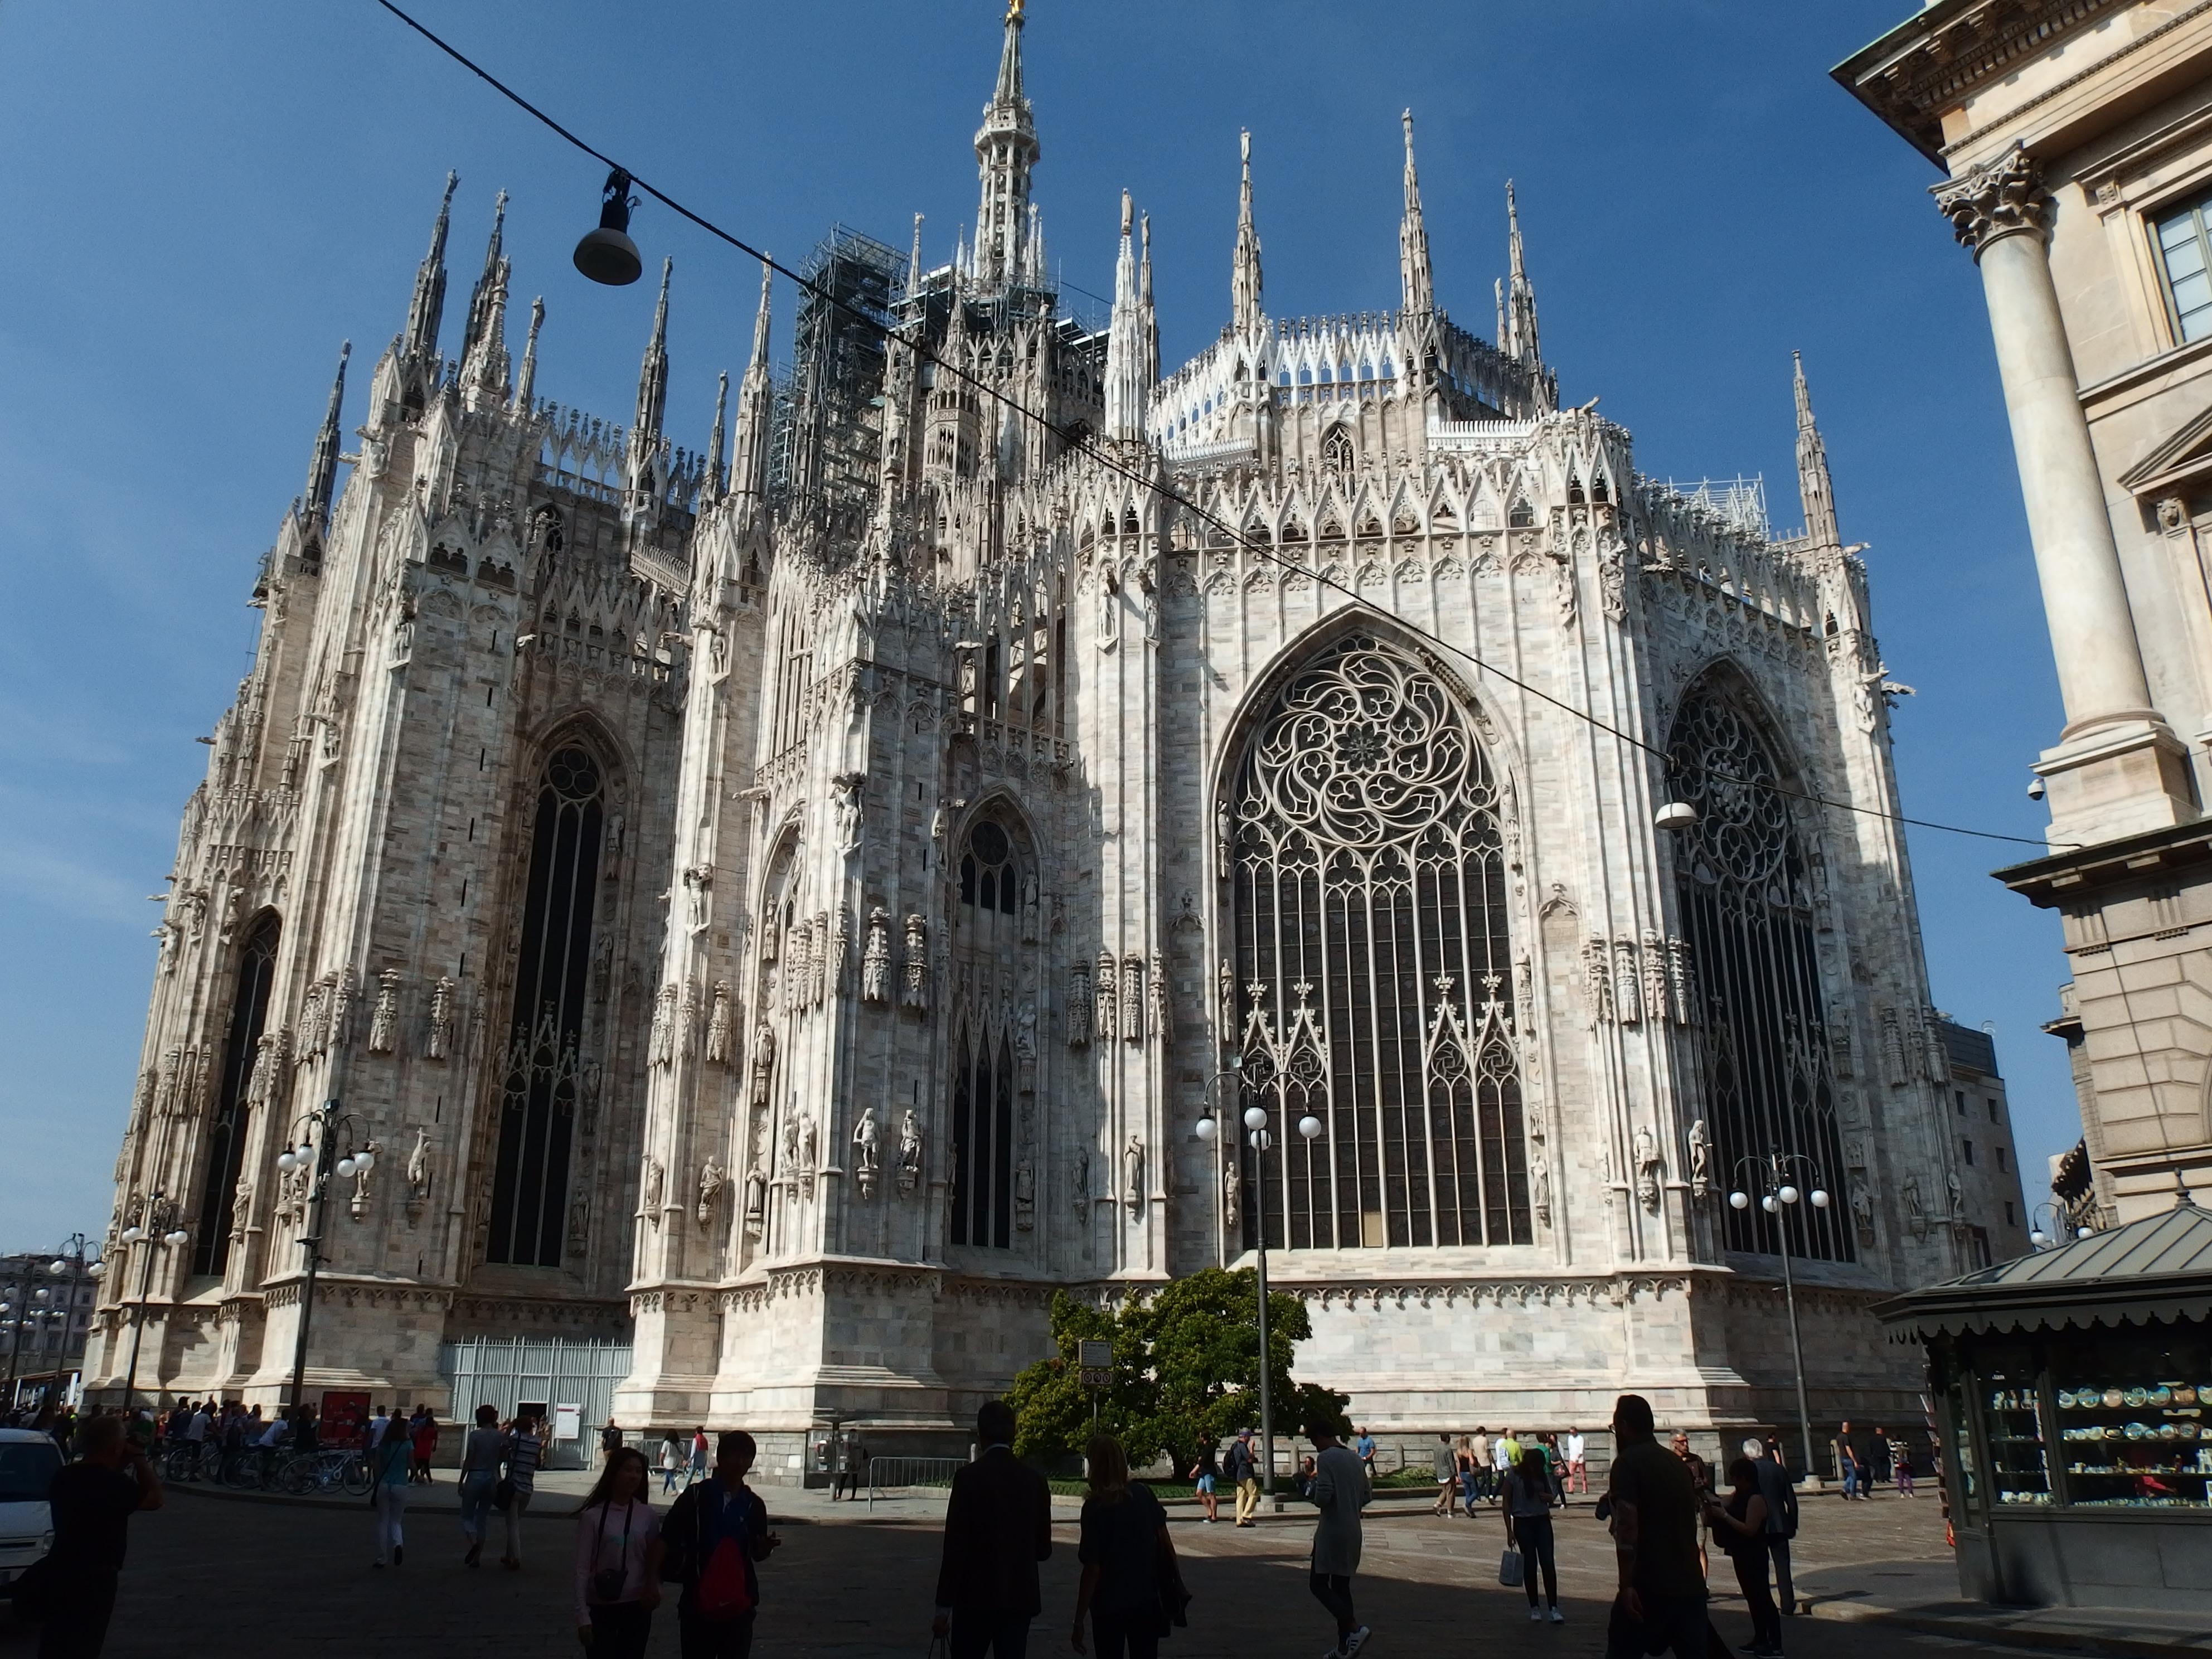 Itálie - Miláno - největší gotická katedrála na světě, 1386-1577, ale úplně dokončena až 1813 na zásah Napoleona (fasáda)